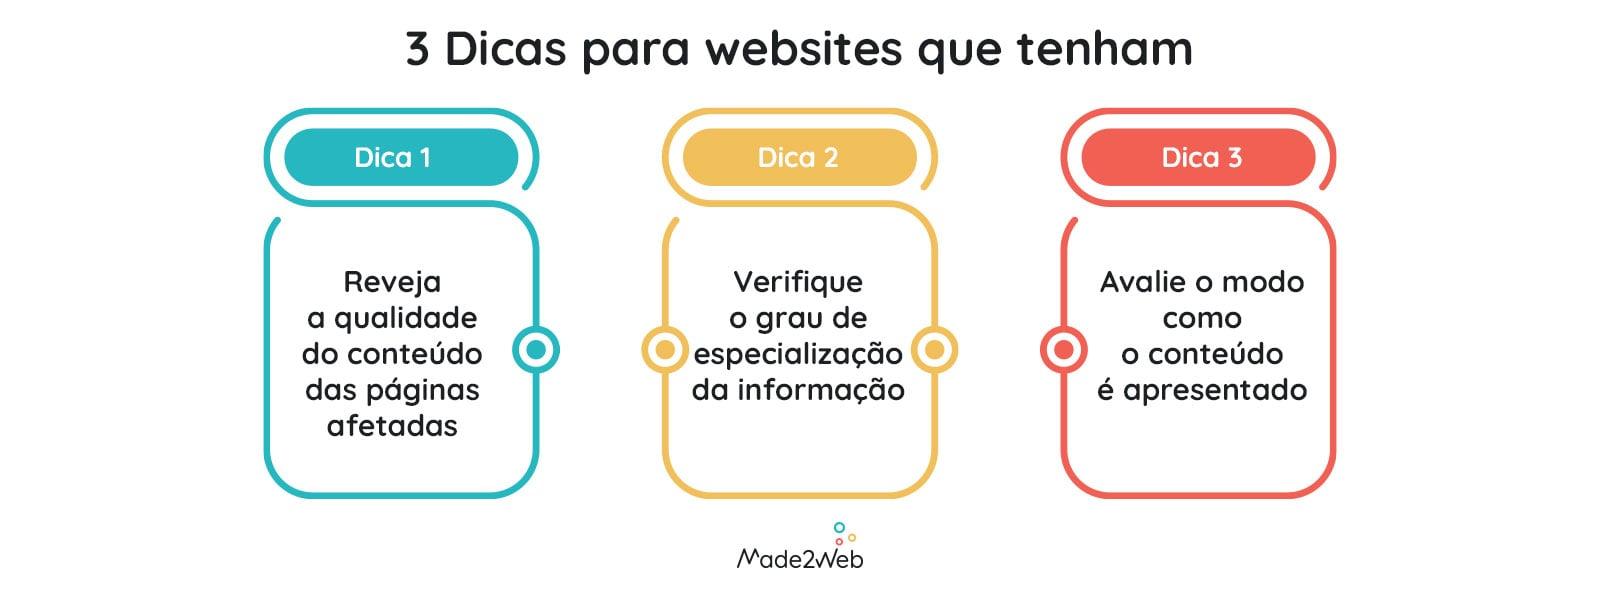 3-dicas-para-websites-que-tenham-sentido-mudancas-apos-este-update-made2web